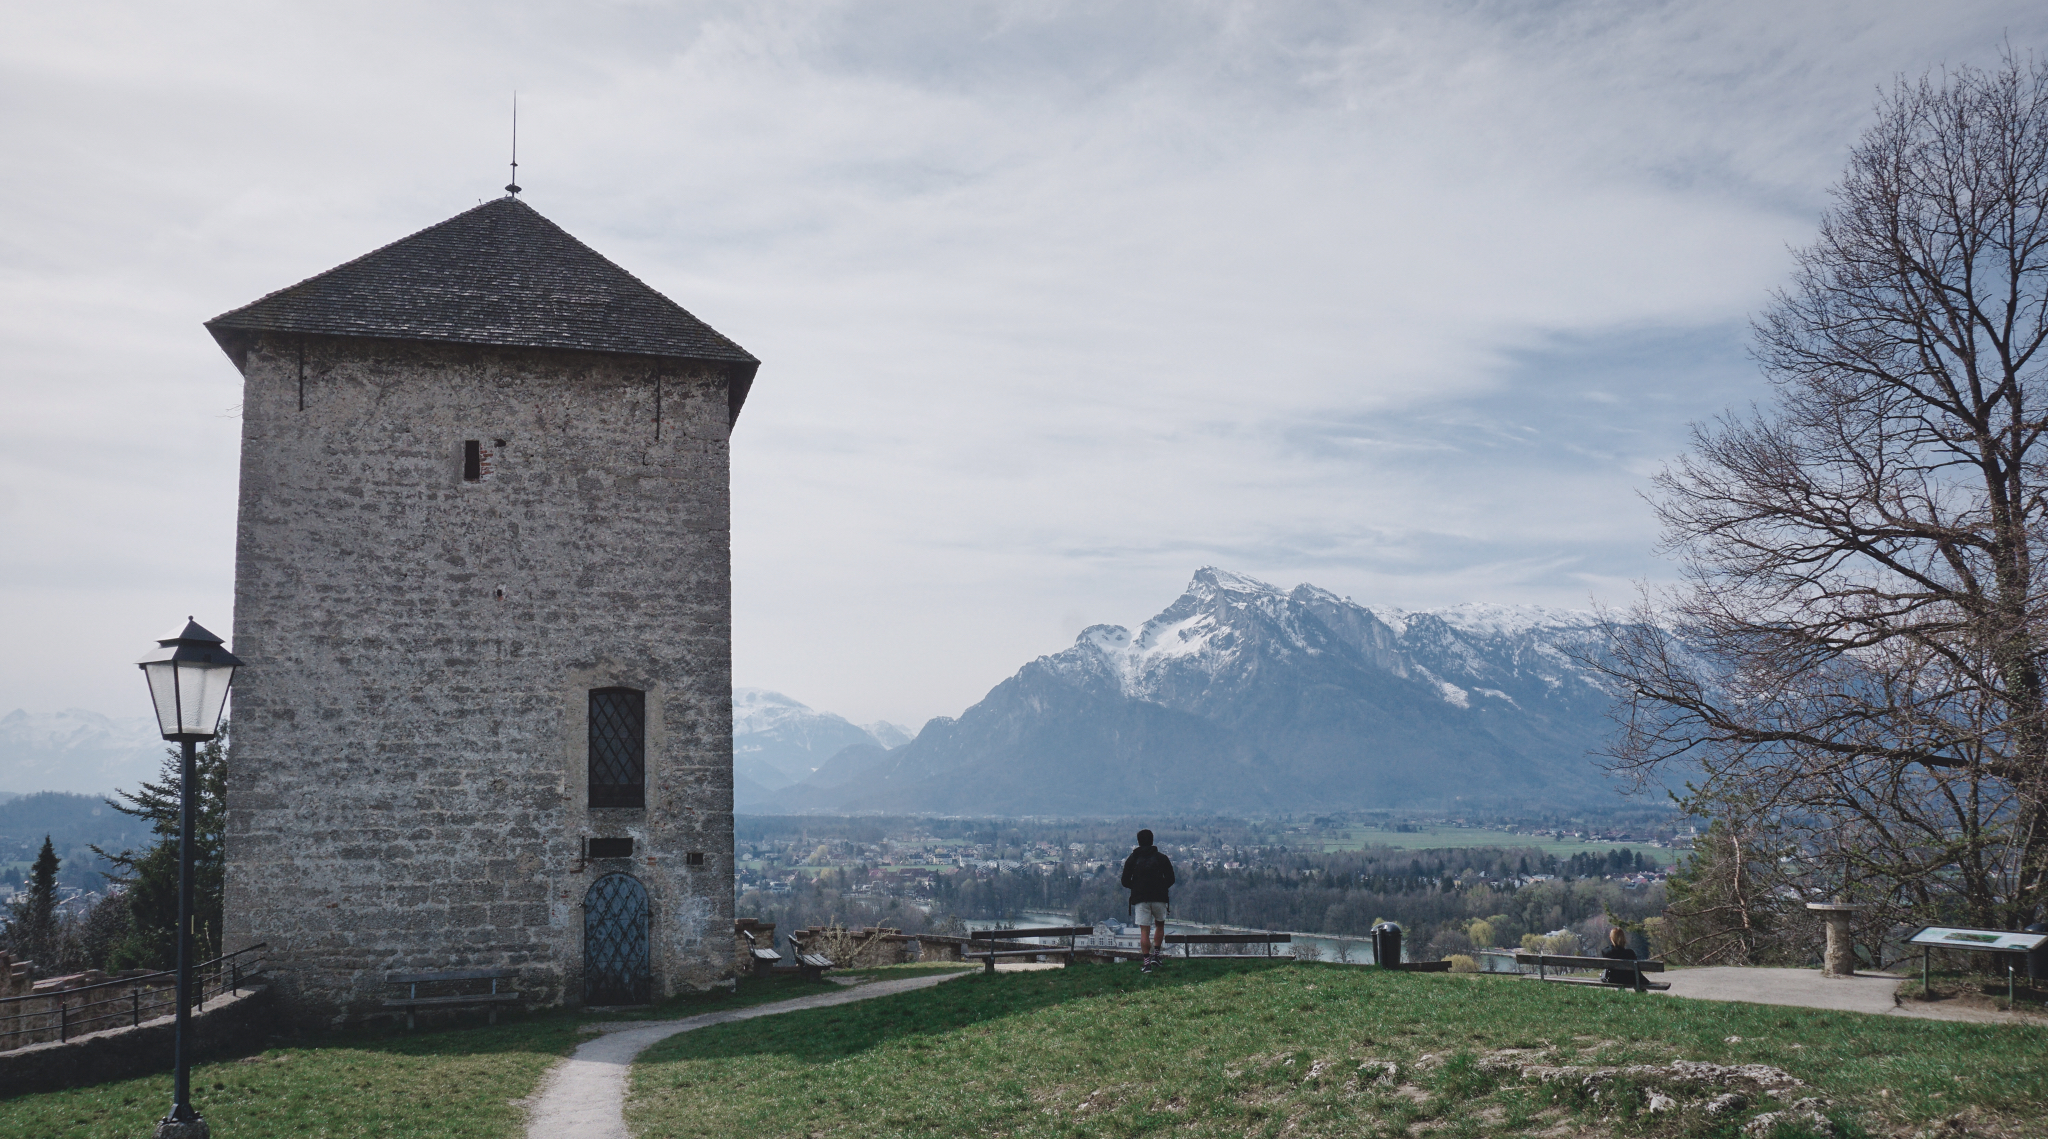 Richterhöhe View Point on Mönchsberg